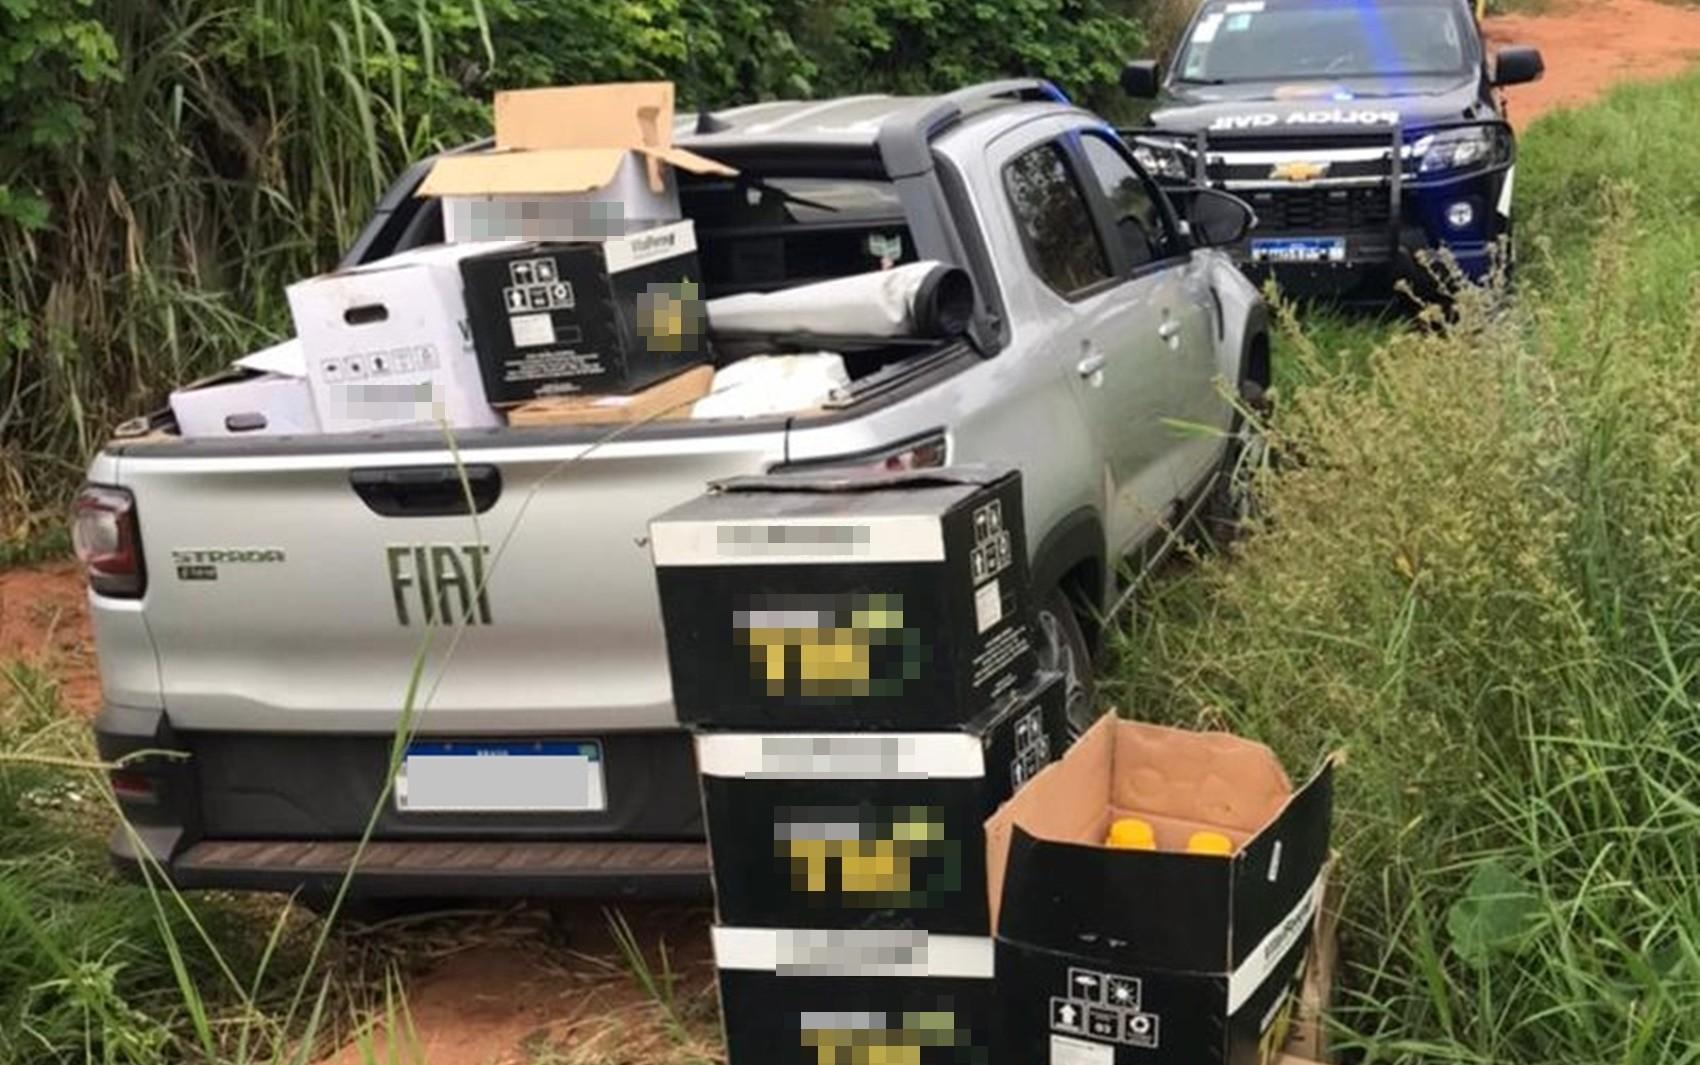 Polícia Civil recupera carga avaliada em R$ 60 mil em Passos, MG